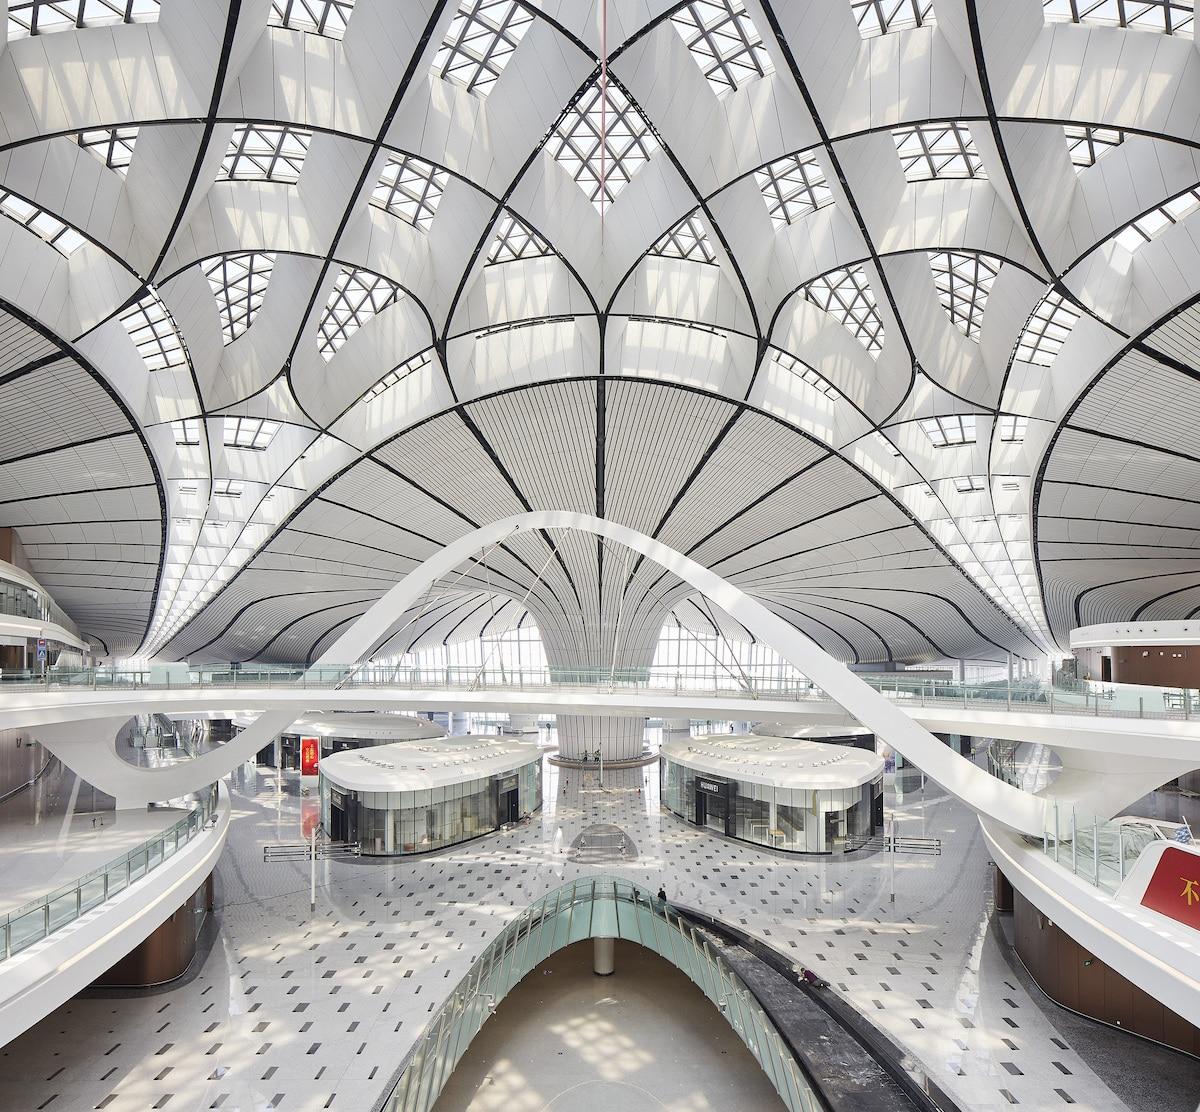 International Airport in Beijing